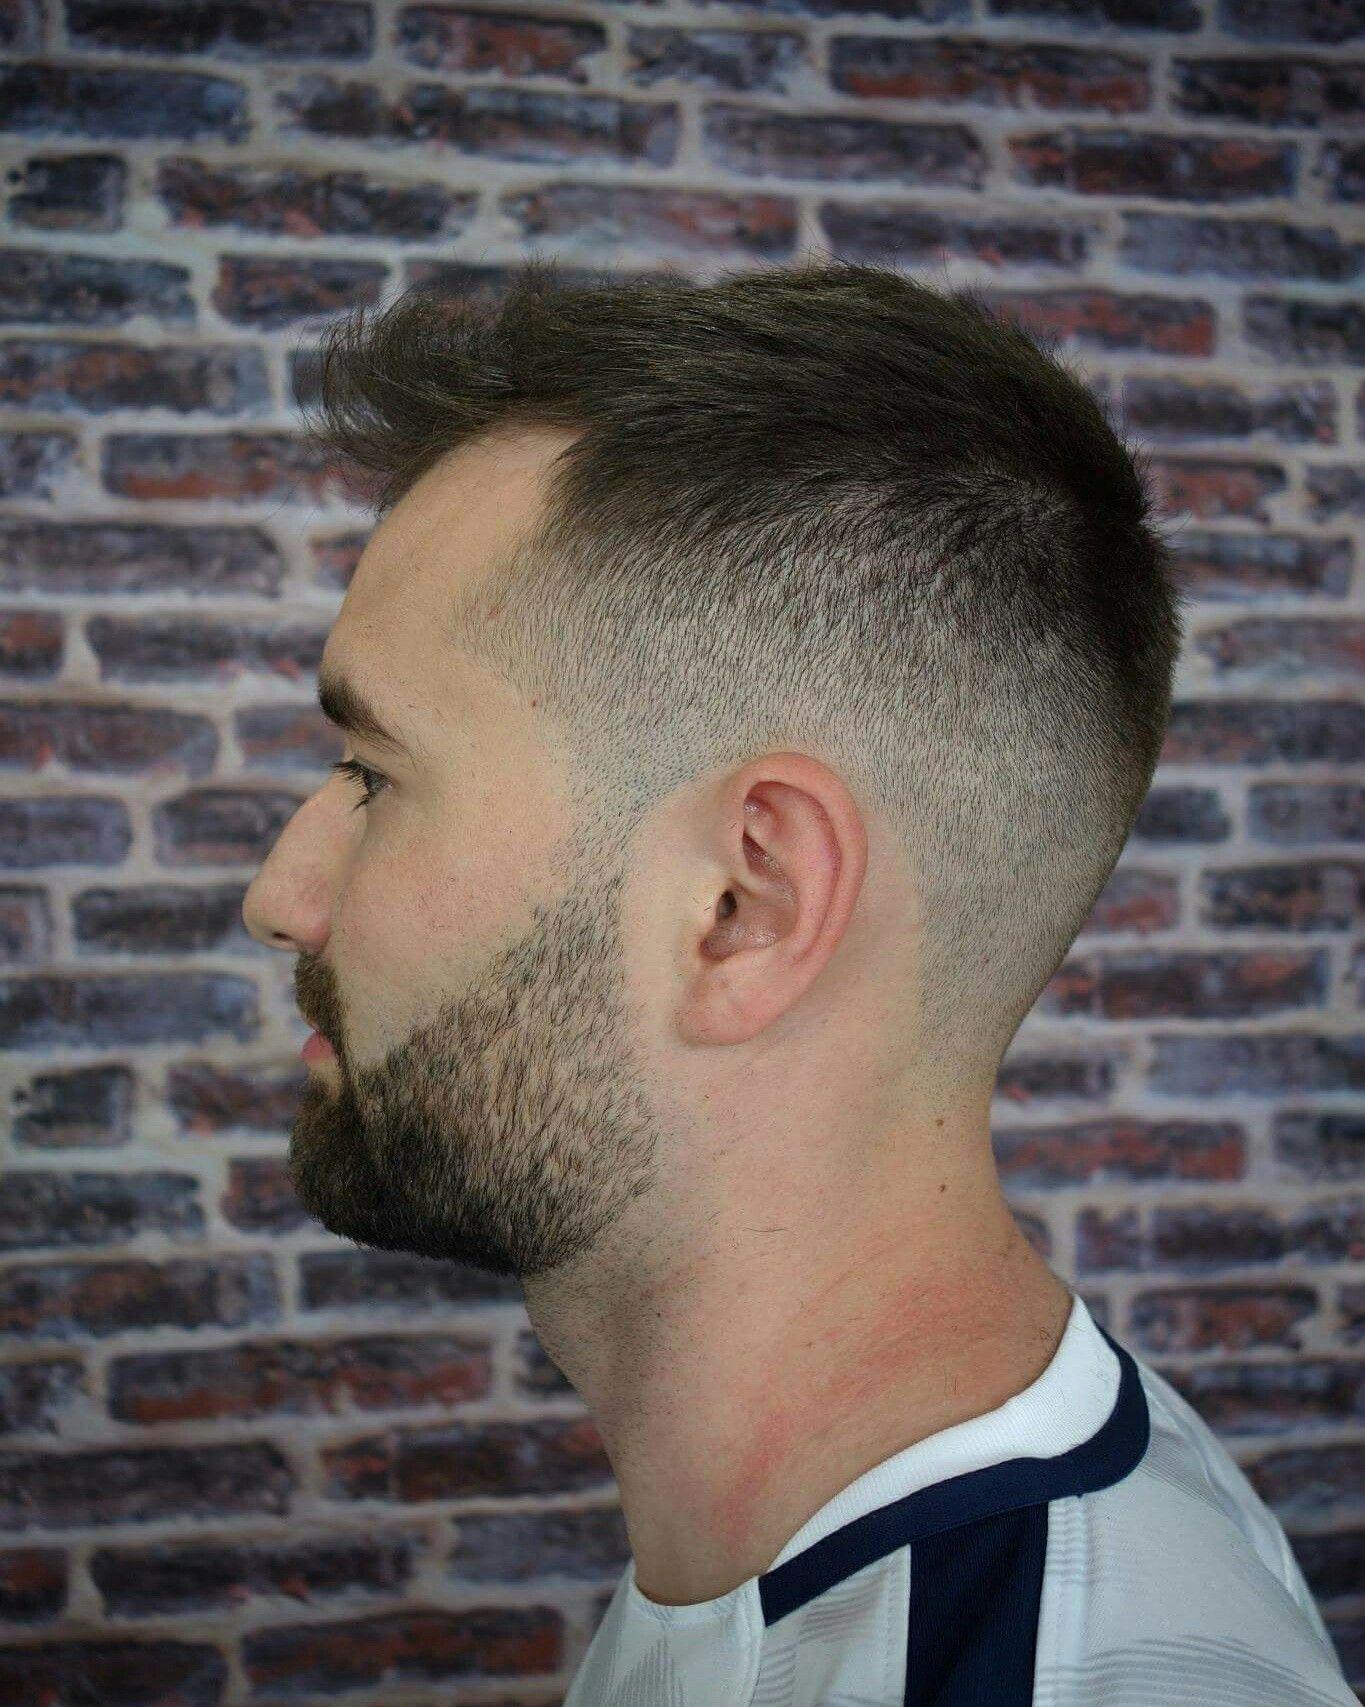 Coupe homme, dégradé bas, style américain avec une légère barbe. Par Salon  Maxime